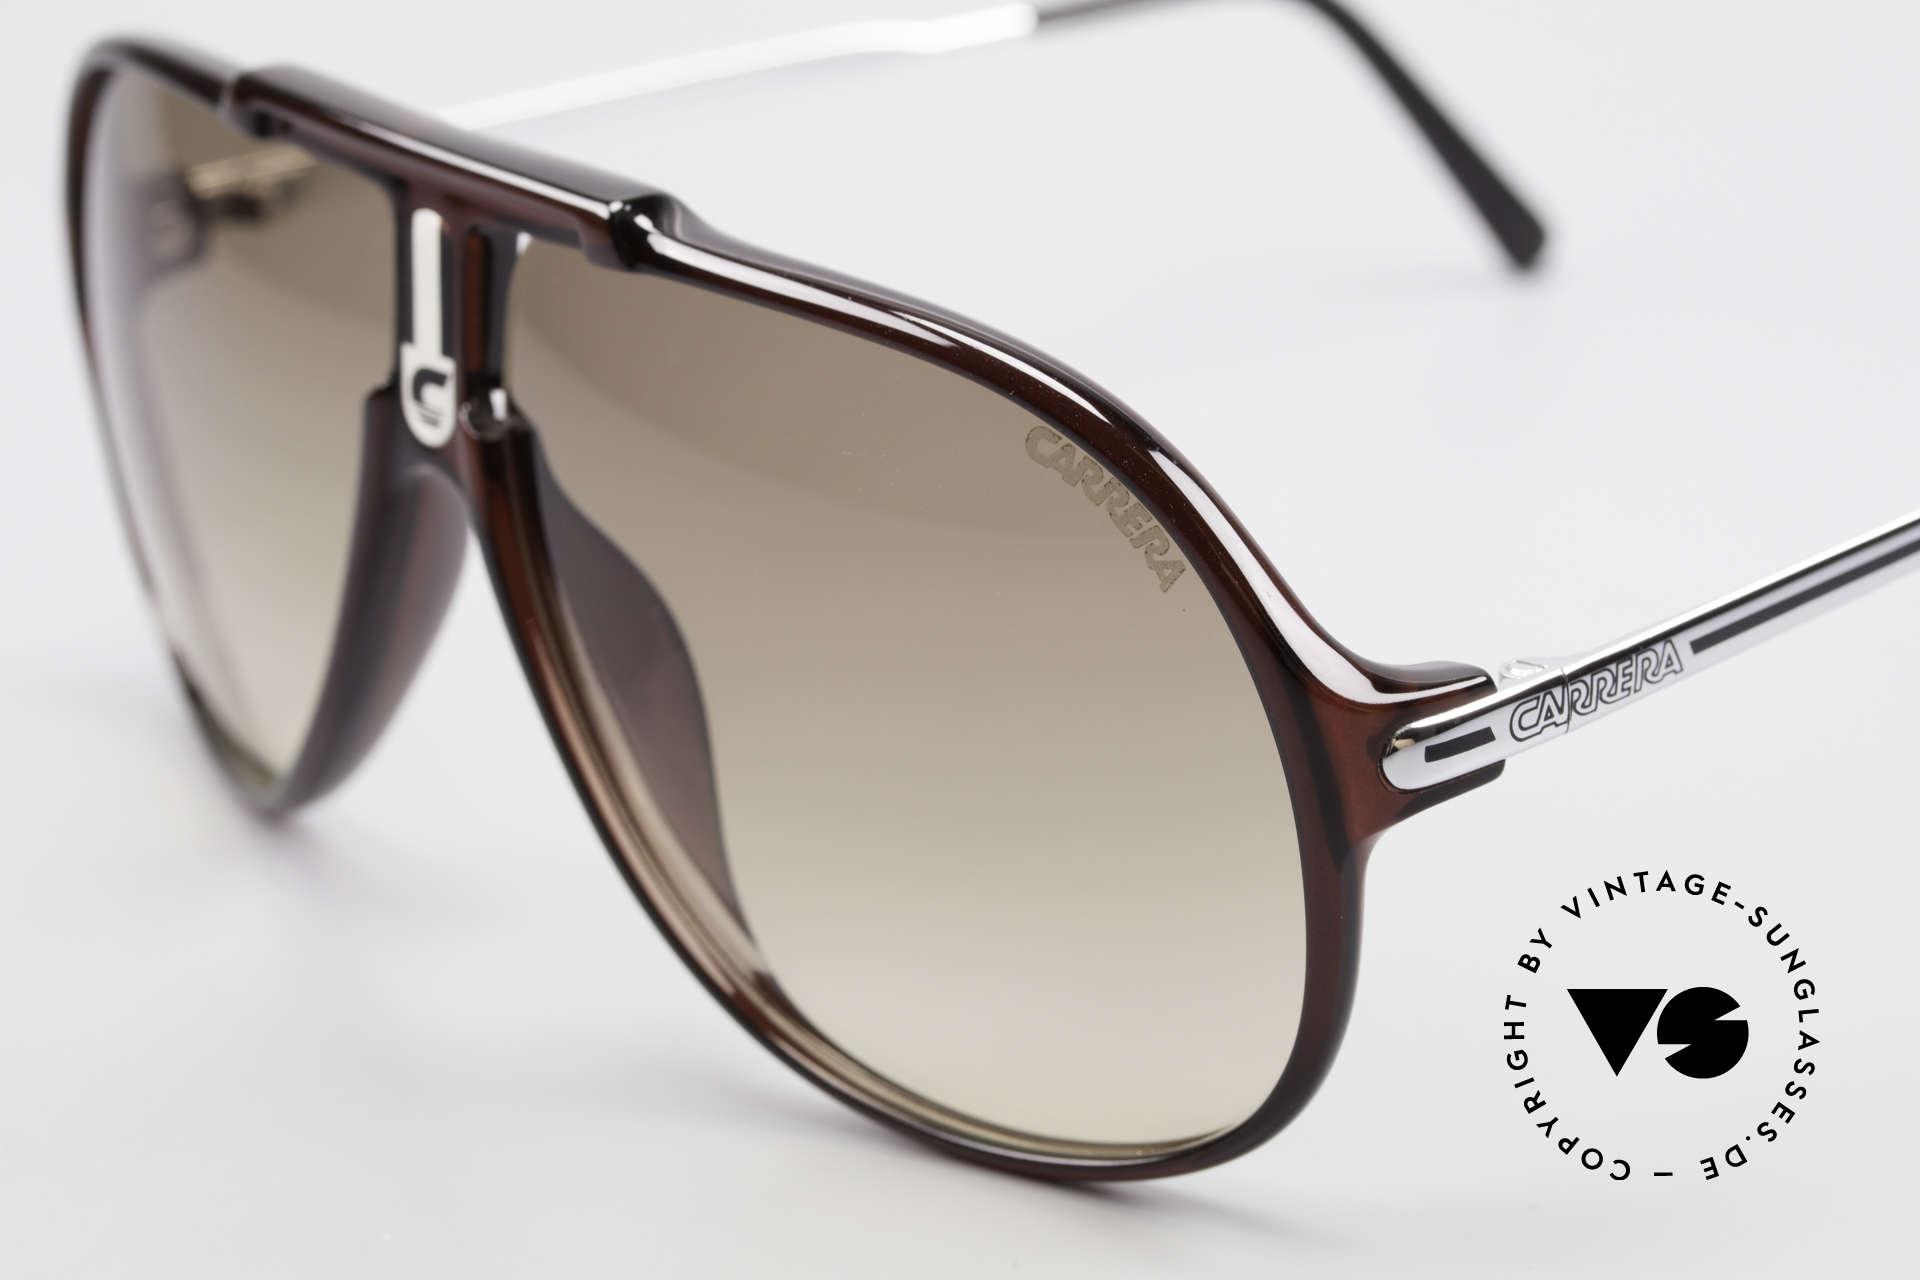 Carrera 5590 3 Sets Auswechselbare Gläser, 3 Paar Wechselgläser für unterschiedliche Bedingungen, Passend für Herren